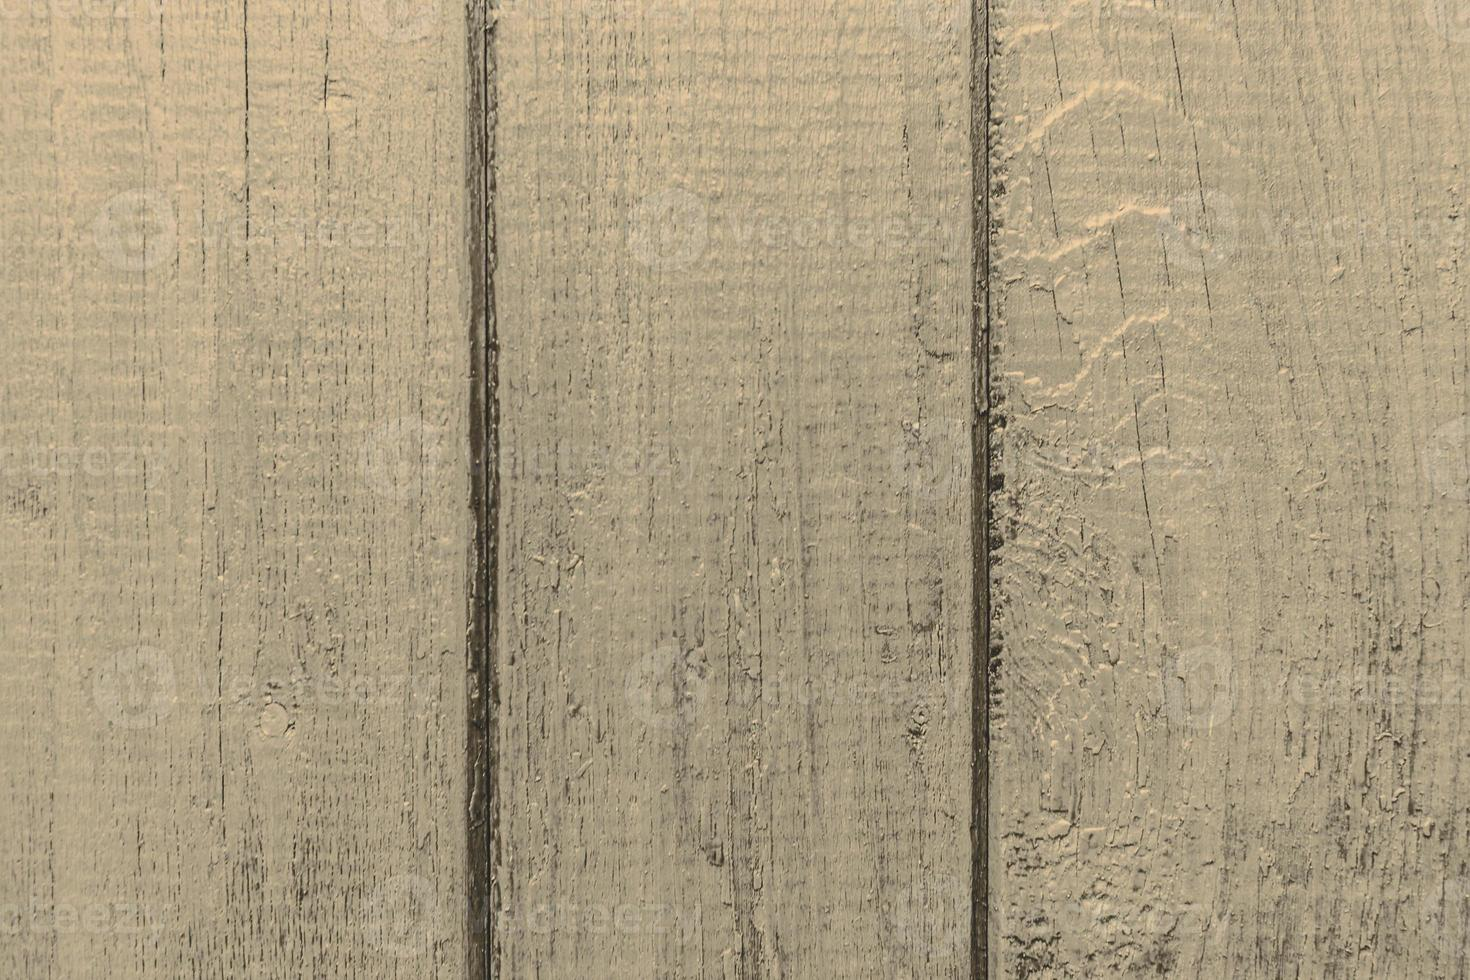 Holzbeschaffenheit foto